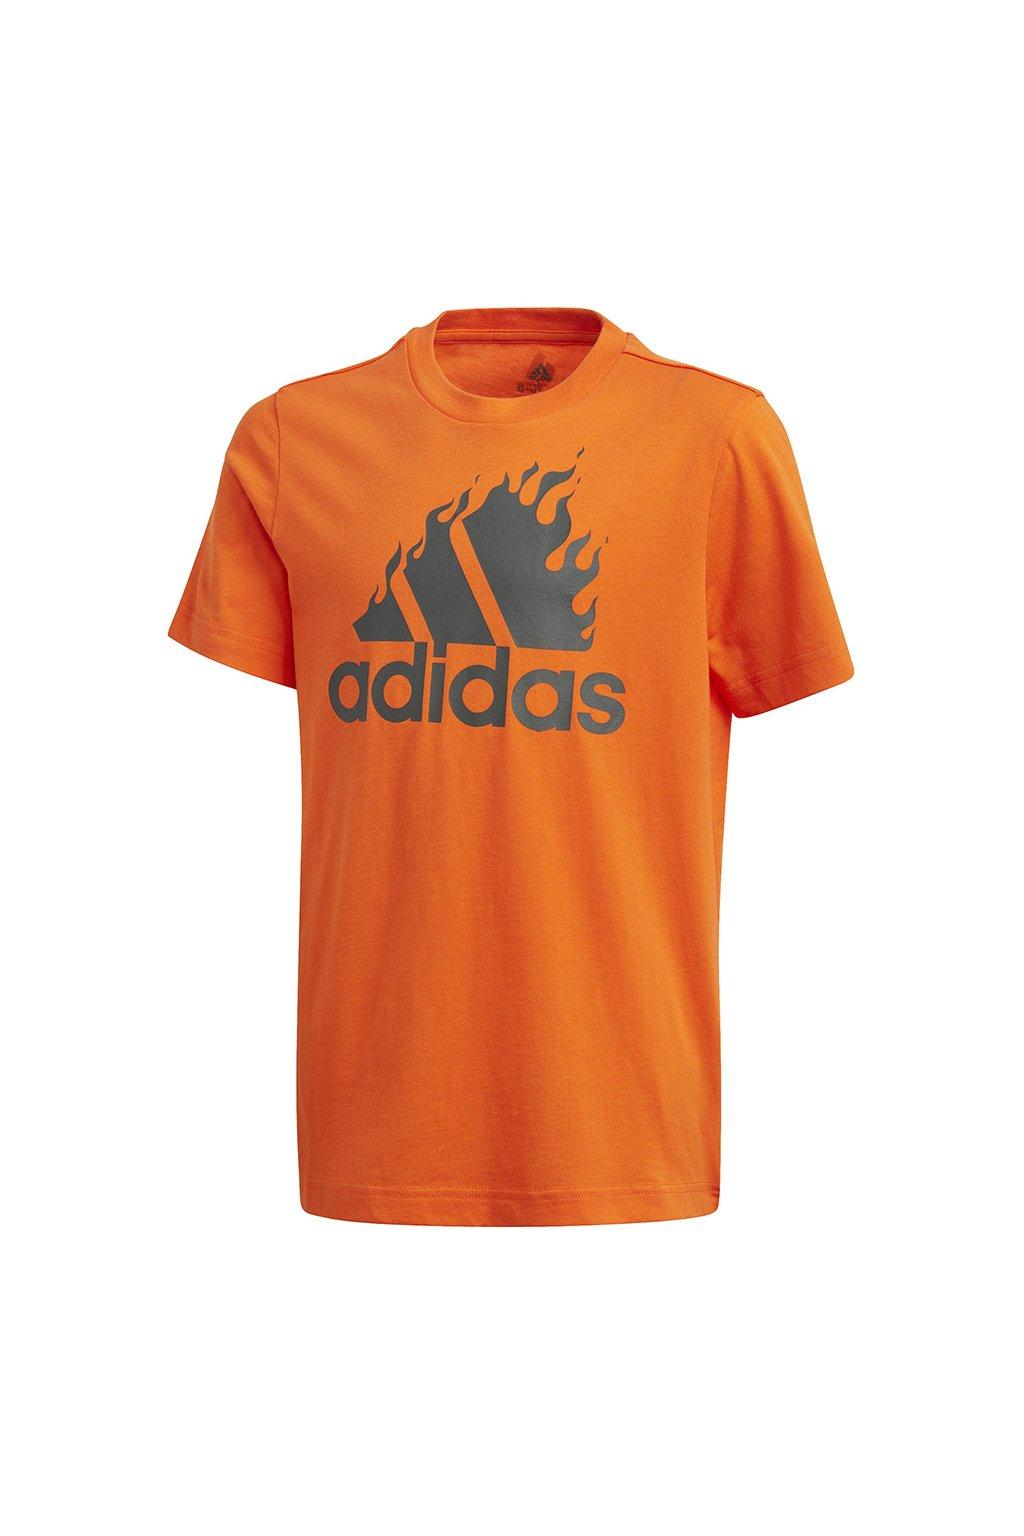 Chlapčenské tričko Adidas Jb Bos Graphic oranžové GD9259